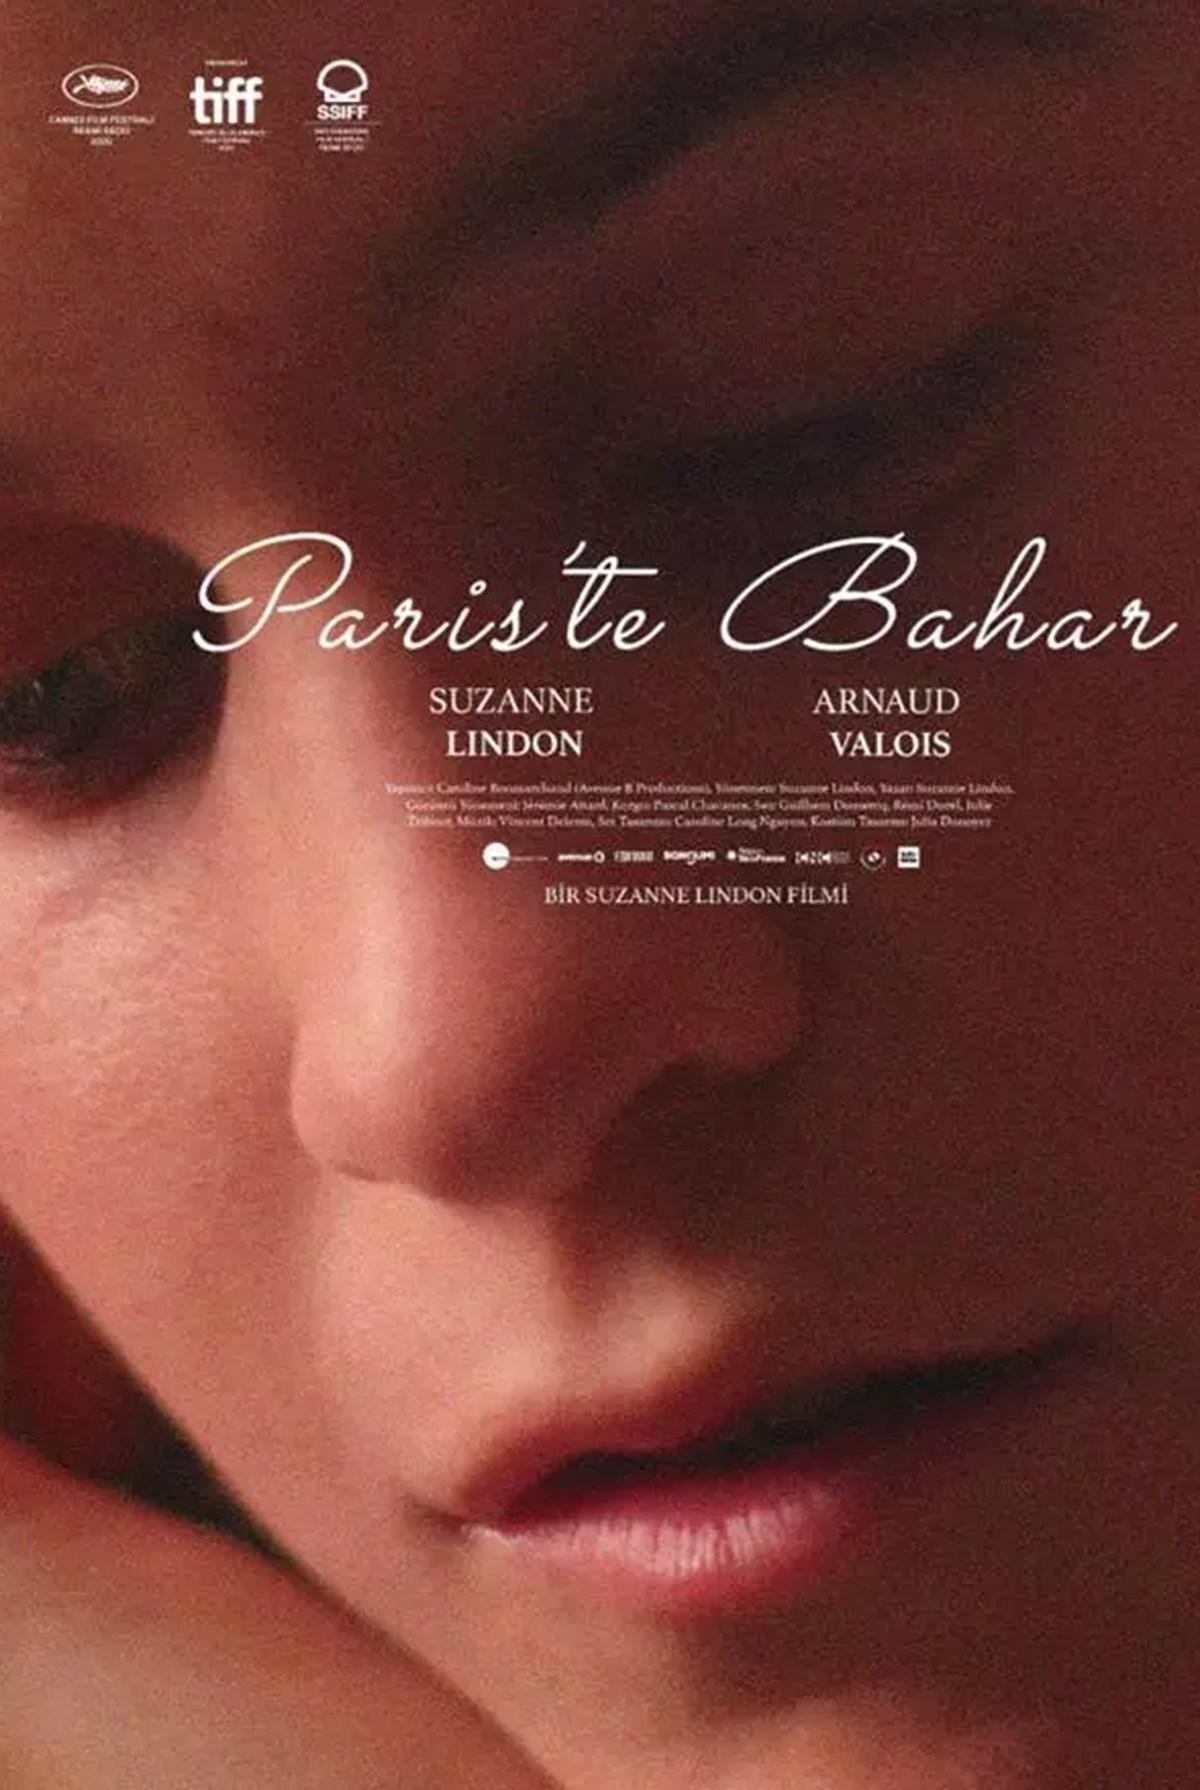 """Paris'te Bahar - Suzanne Lindon'un yazıp yönettiği ve başrolünde yer aldığı """"Paris'te Bahar"""", kendi yaş grubundakilerden sıkıldığı bir dönemde kendisinden yaşça büyük bir tiyatro oyuncusuyla tanışan 16 yaşındaki genç Suzanne'ın hikayesini odağına alıyor.  Romantik komedi ve dram karışımı filmde Suzanne Lindon'a başrolde Arnaud Valois, Frederic Pierrot, Florence Viala ve Dominique Besnehard eşlik ediyor."""